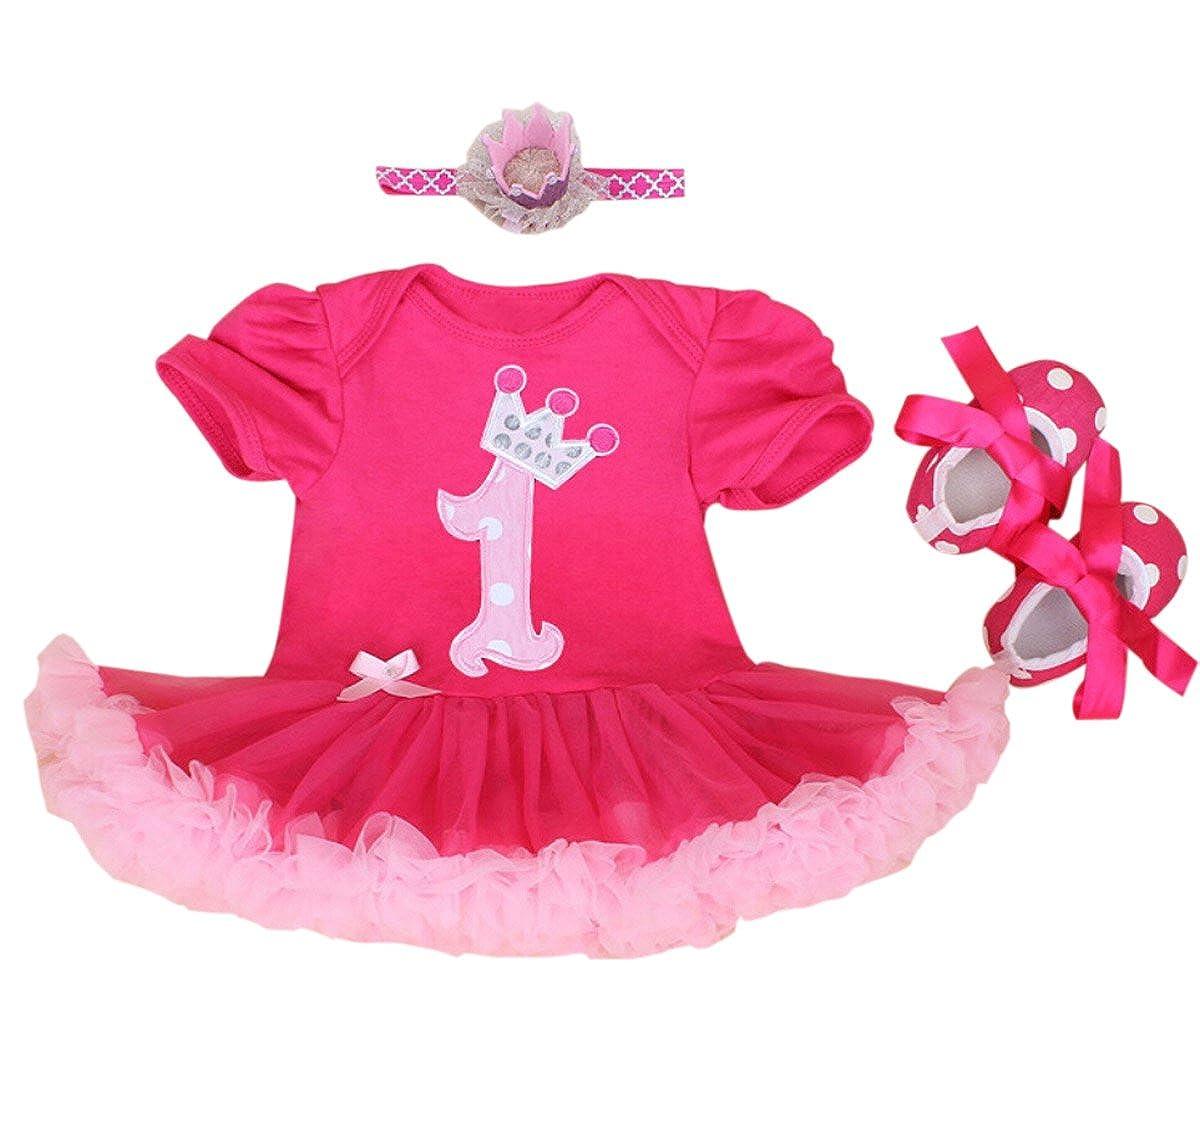 Marlegard, Vestitino per bambine, 3 pezzi: vestito, tutù e scarpe a fascia, Stampa con numero 1 e corona, Idea regalo di compleanno